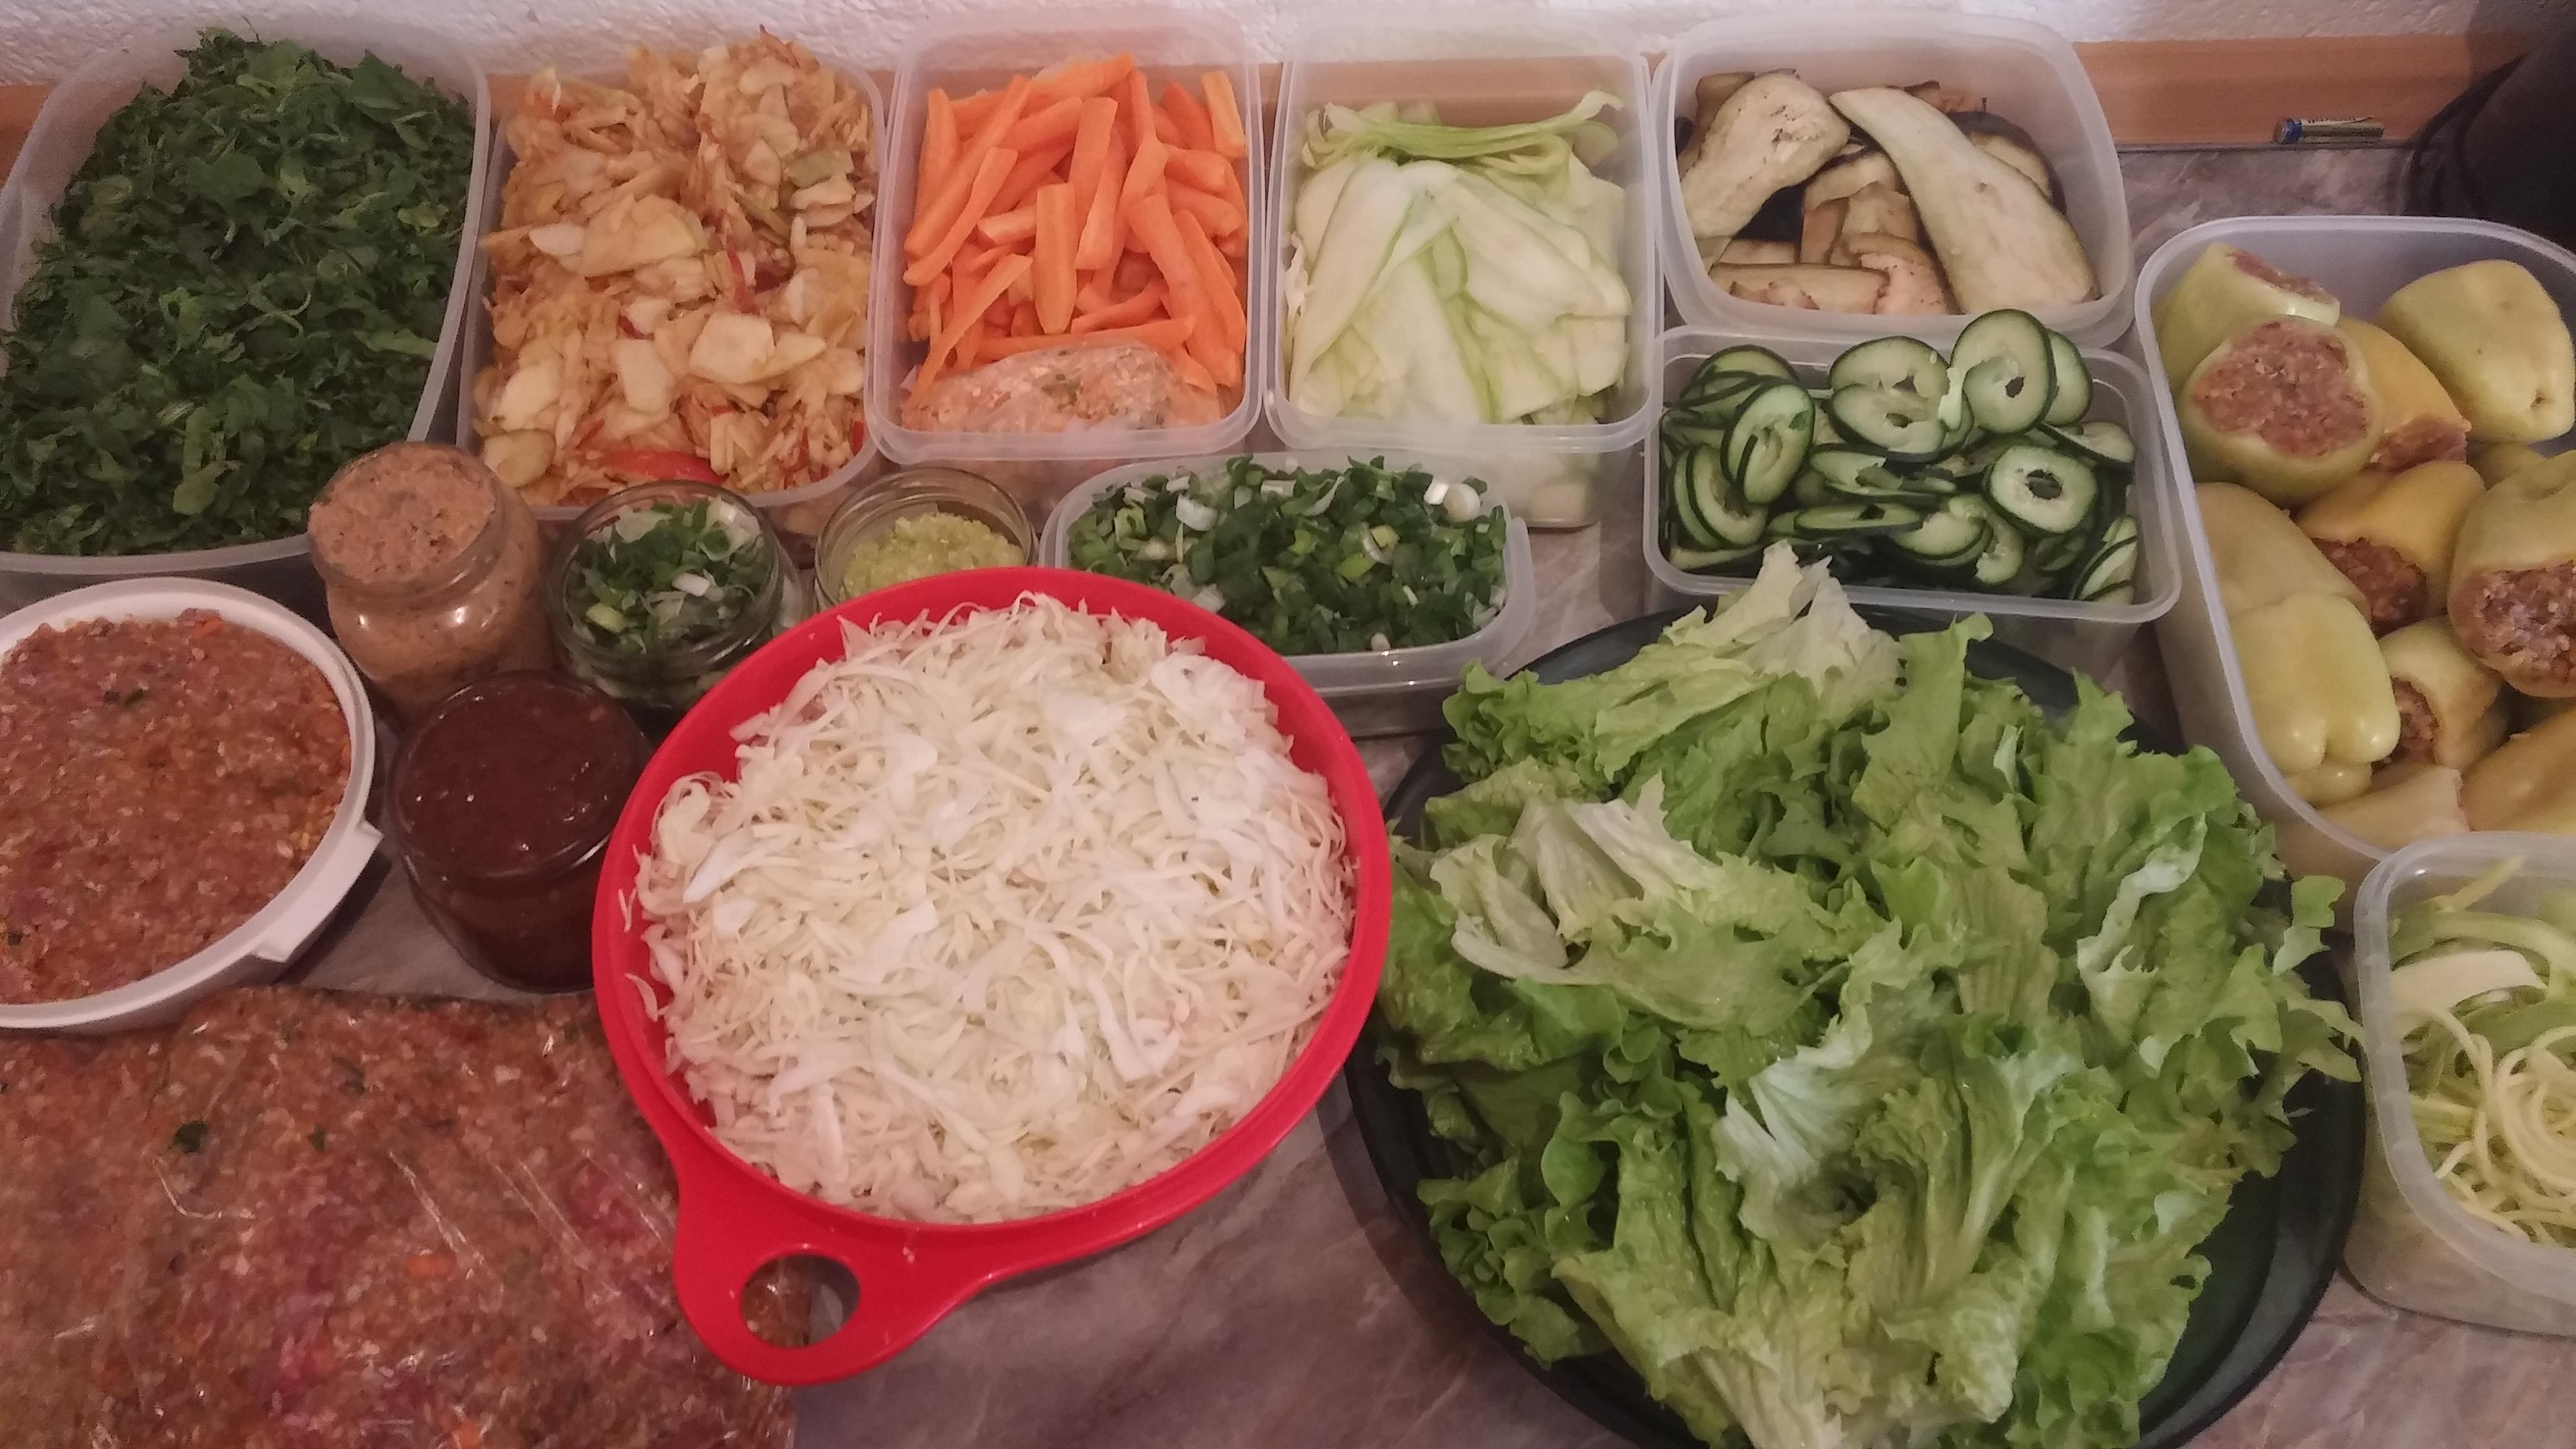 Hrana može uticati pozitivno ili negativno na kvalitet višedimenzionalnog pročišćenja u ramazanu